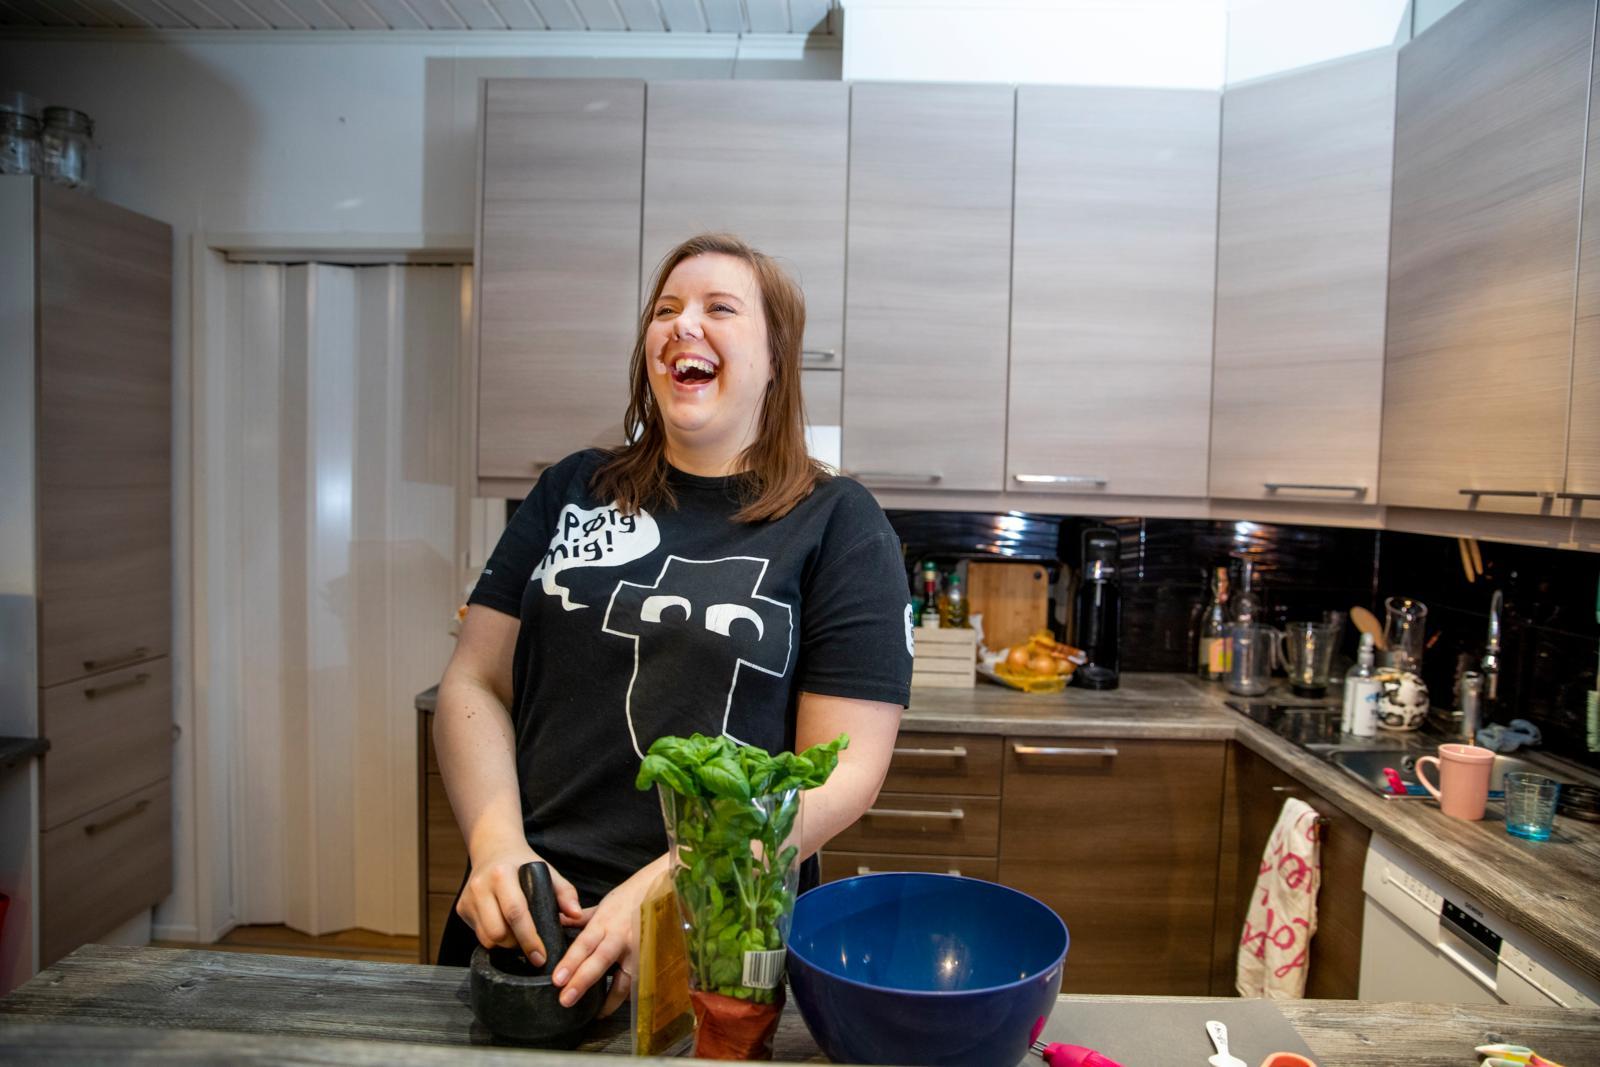 """""""Kun ruokakaupassa nenään tulvahtaa tuoreen basilikan tuoksu, sitä on pakko ostaa"""", Iina kertoo. Kuva: Marja Seppälä"""